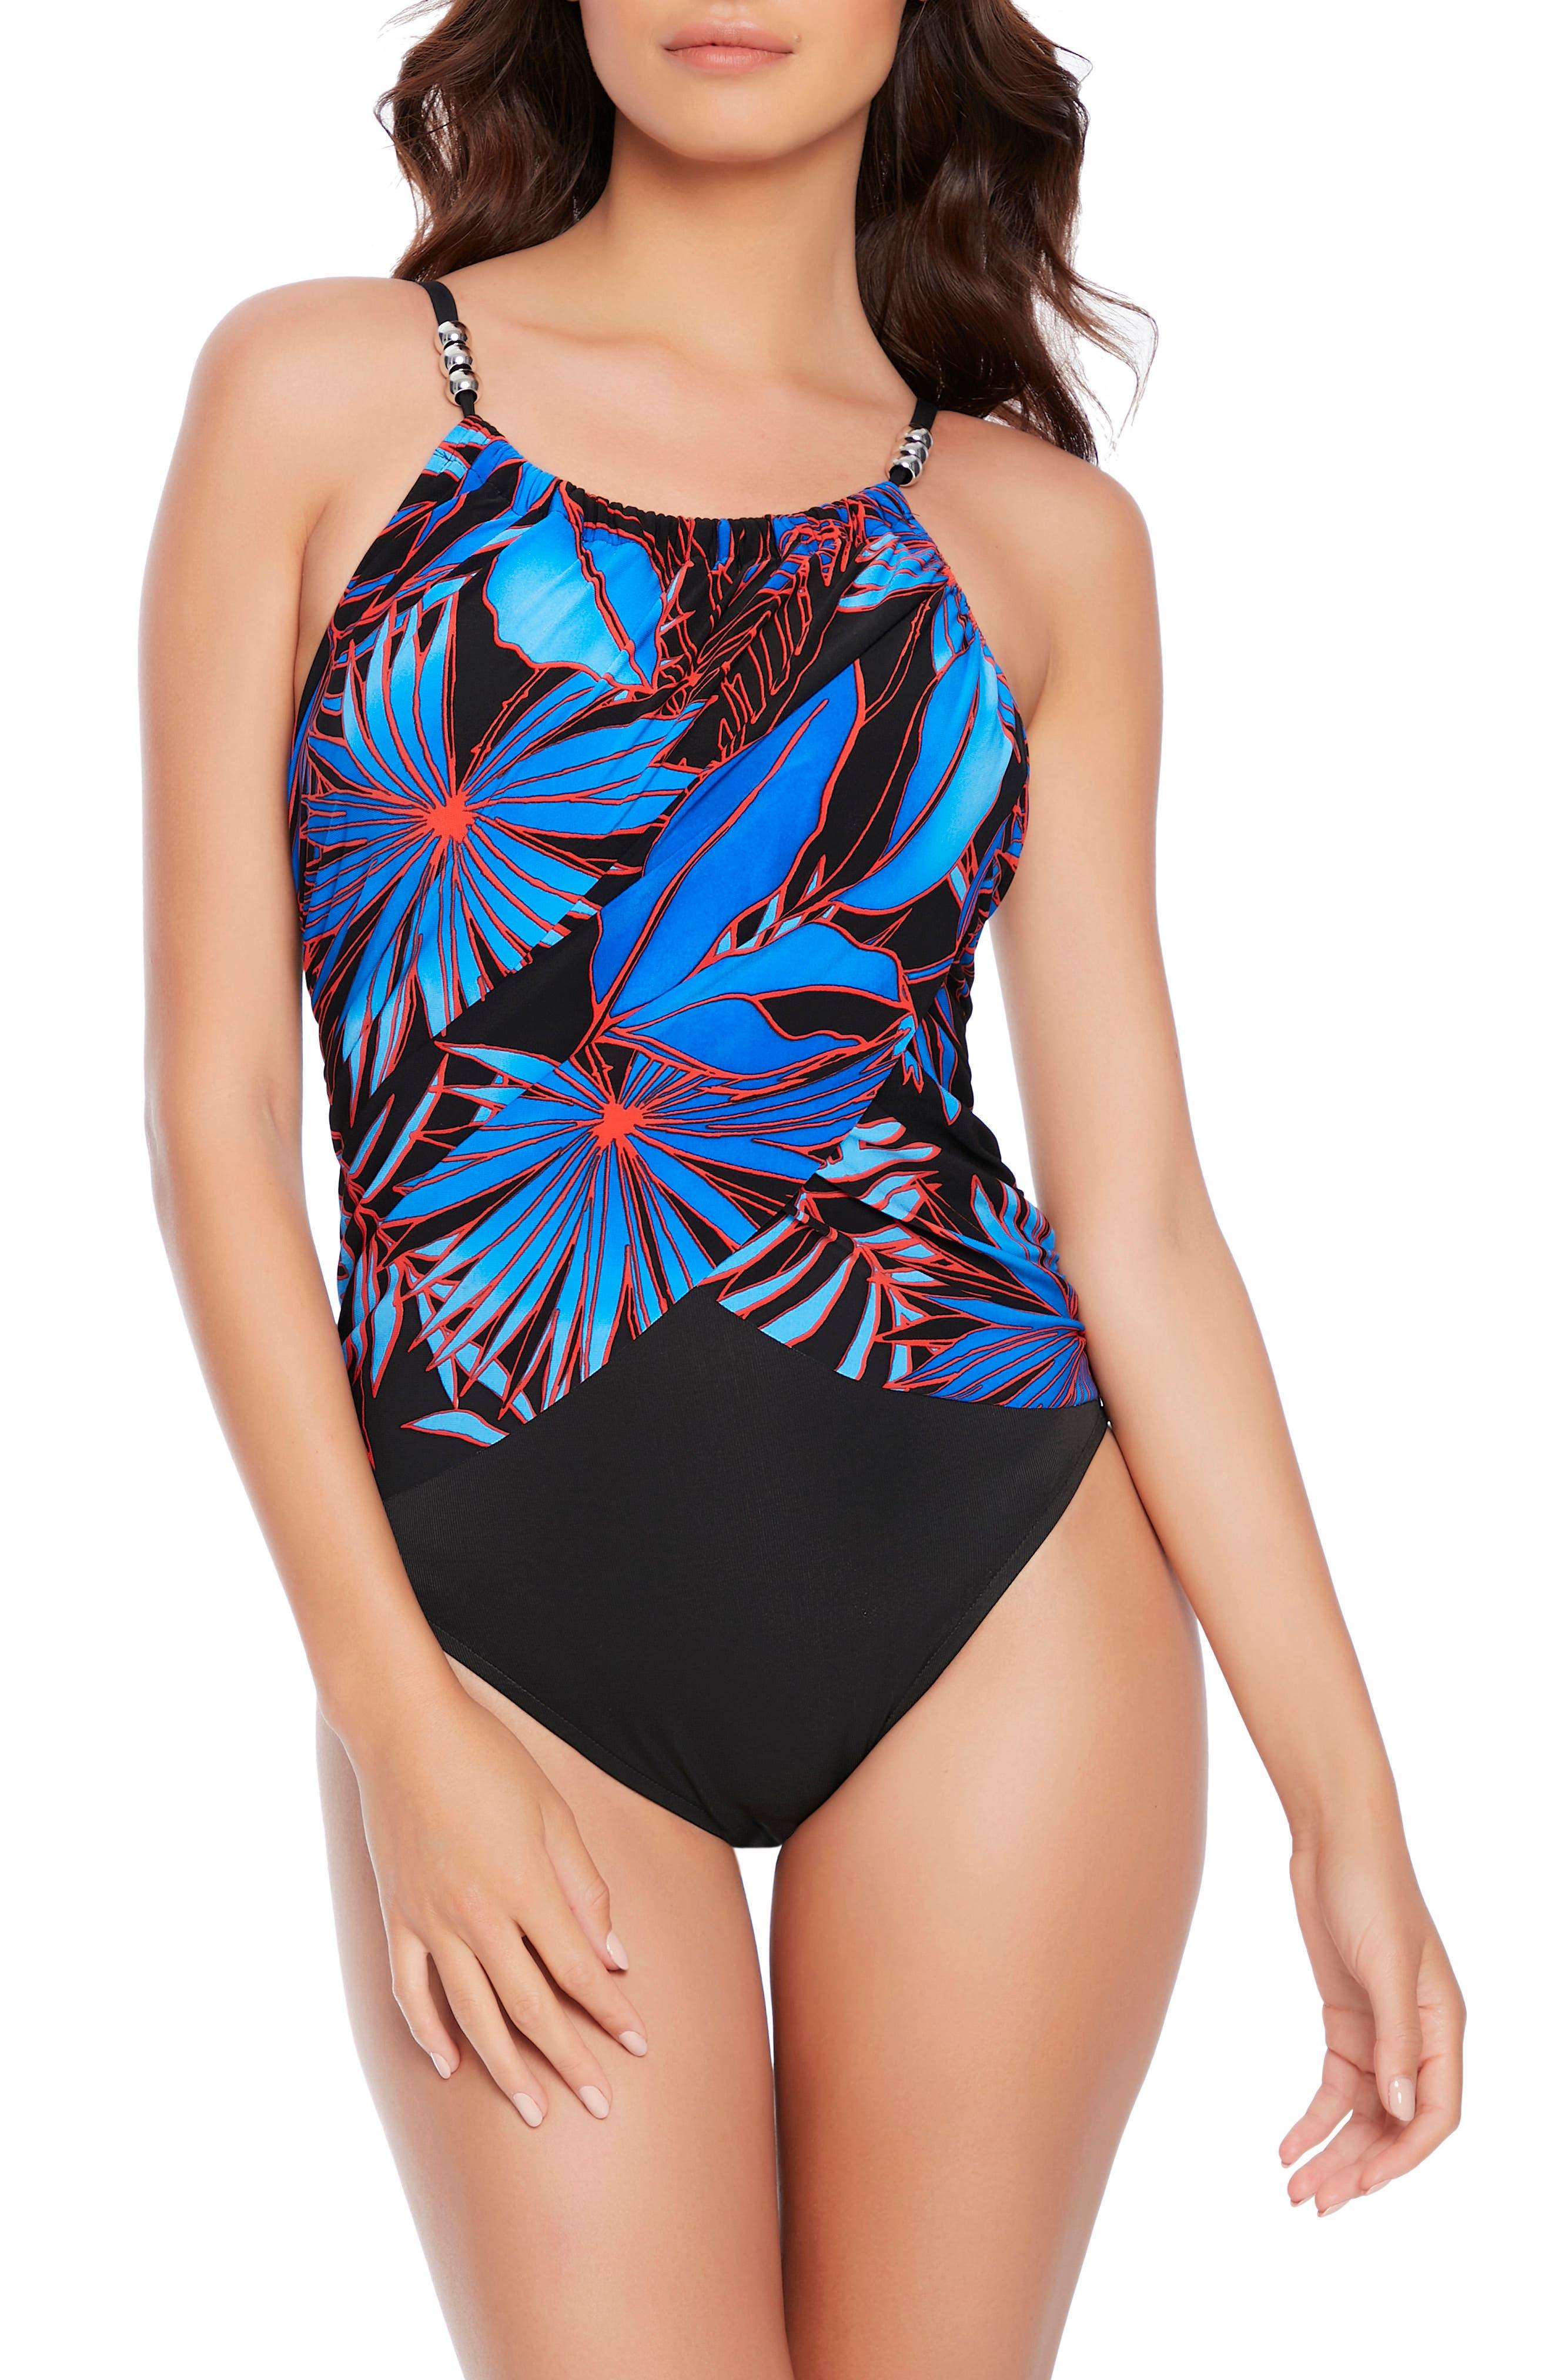 Women's Magicsuit Hot Line Lisa One-Piece Swimsuit